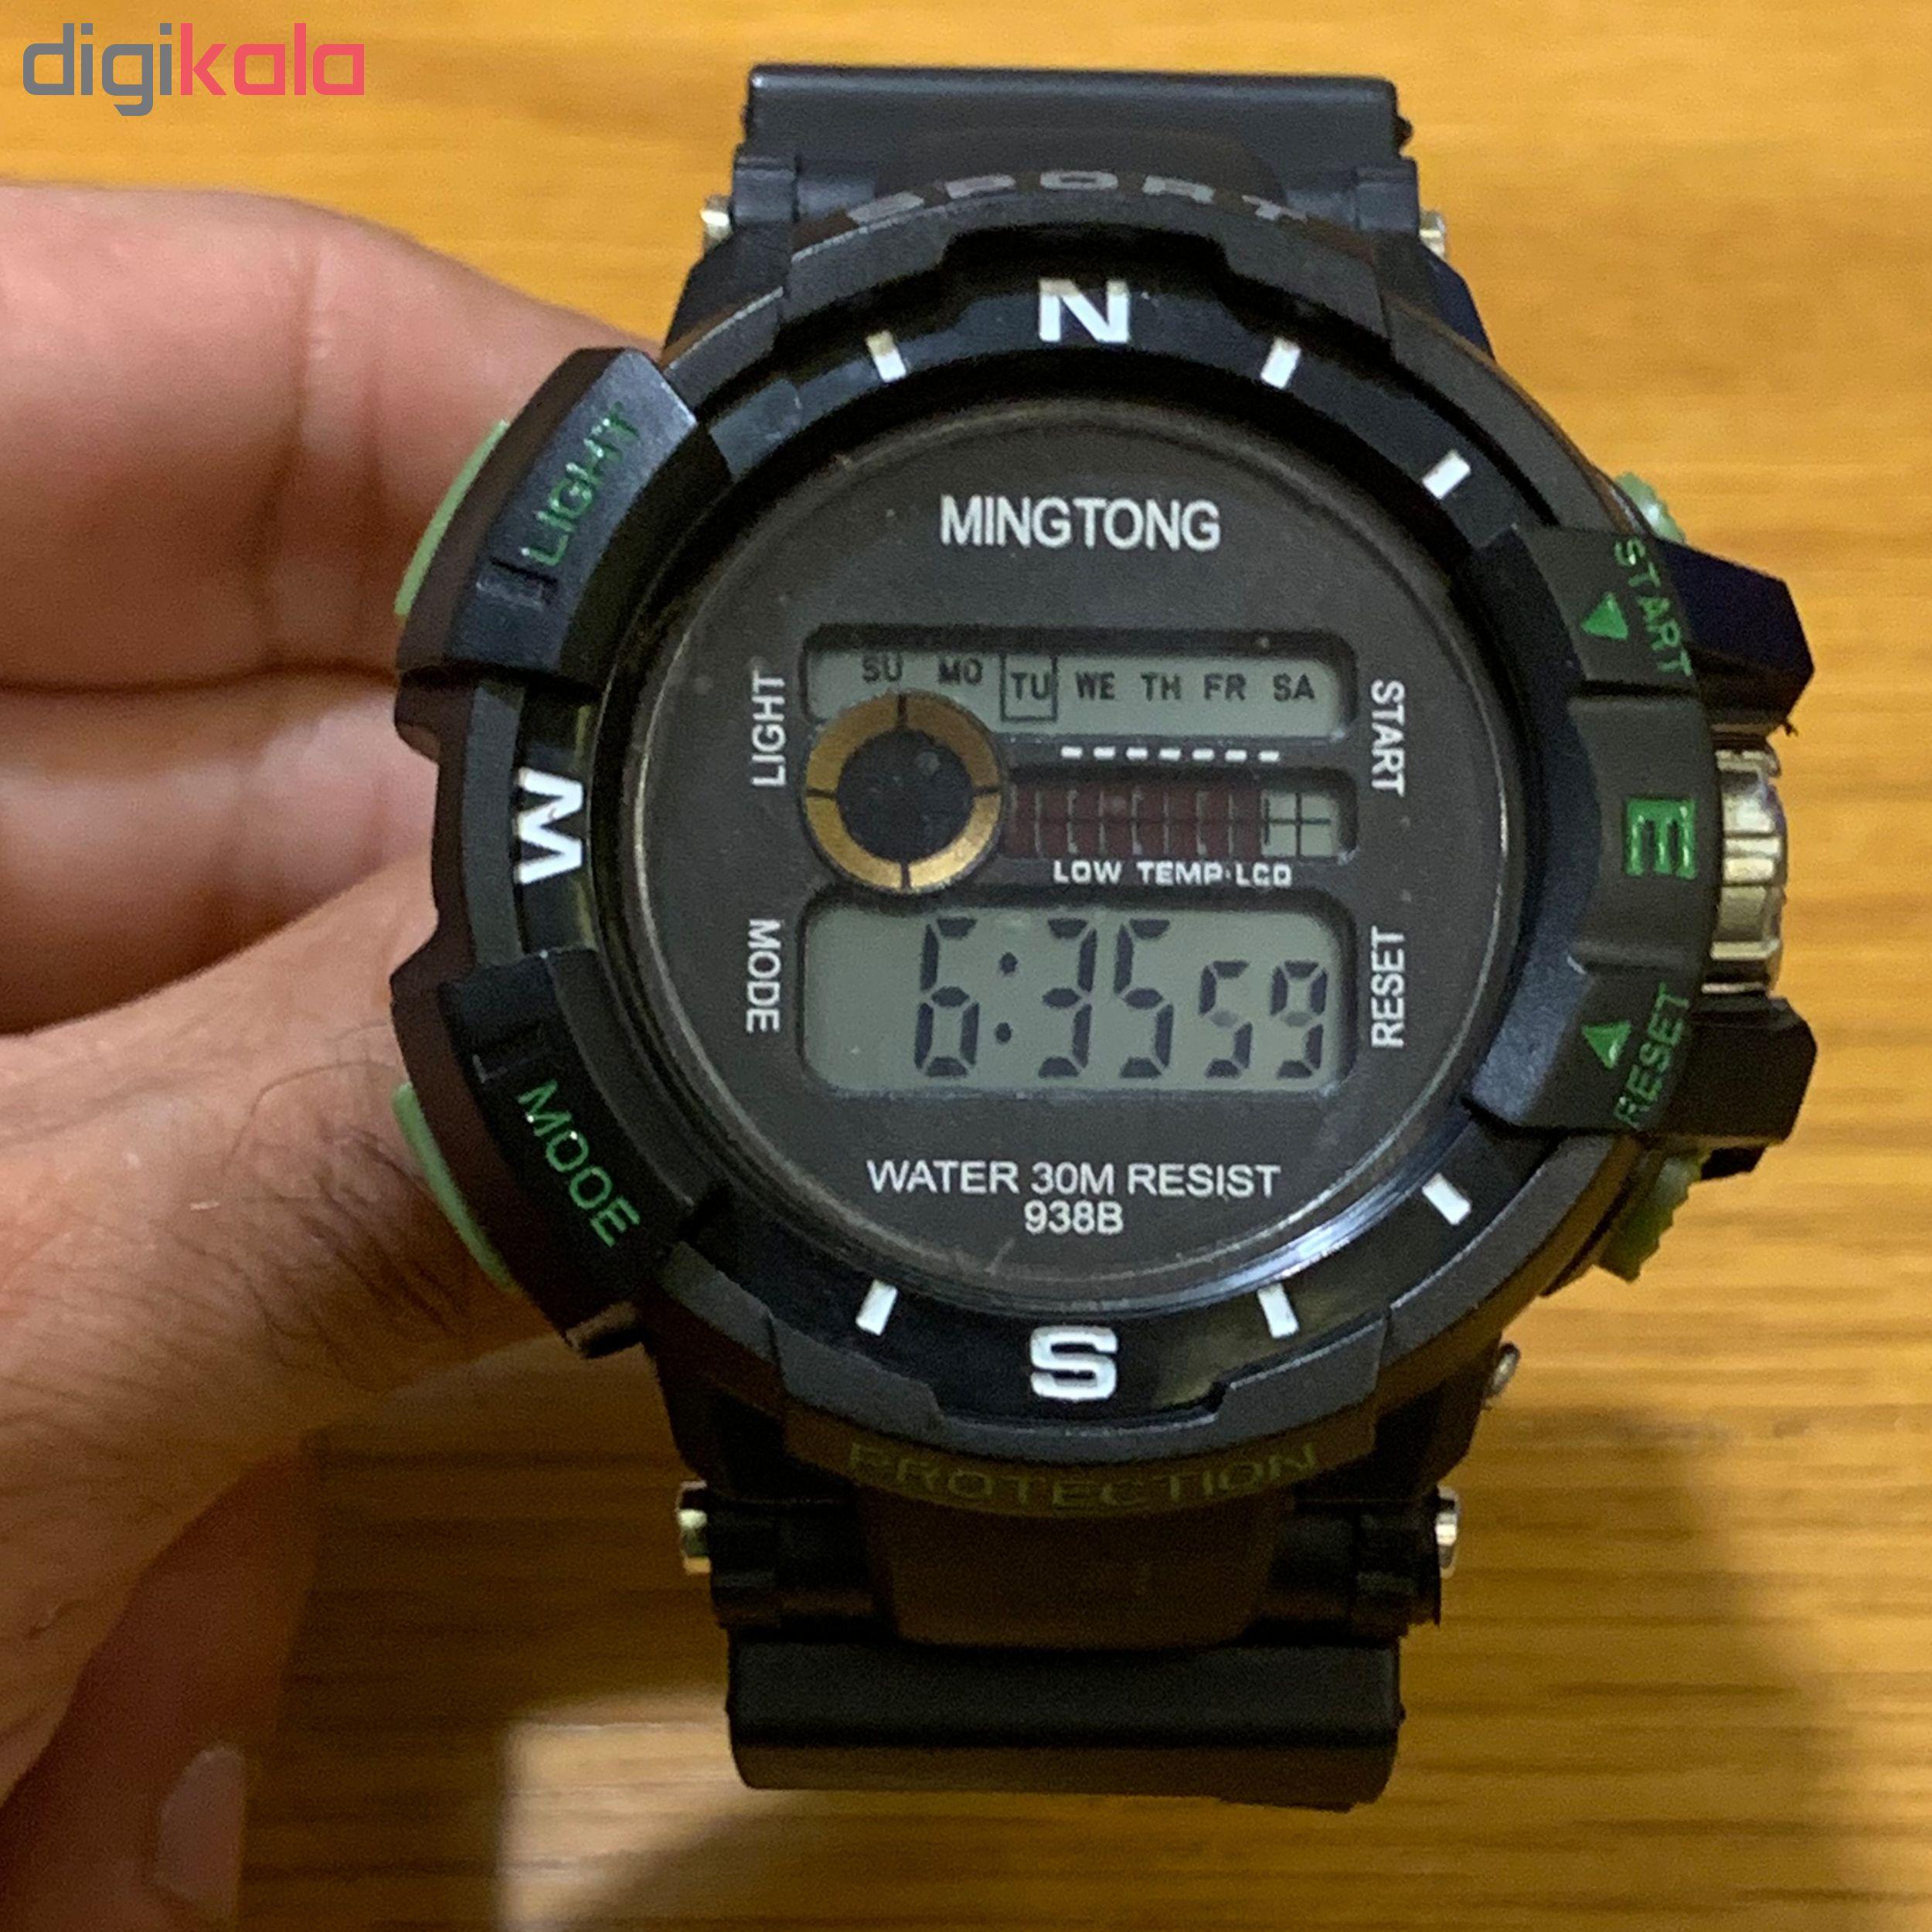 ساعت مچی دیجیتال مردانه مینگ تانگ کد B22